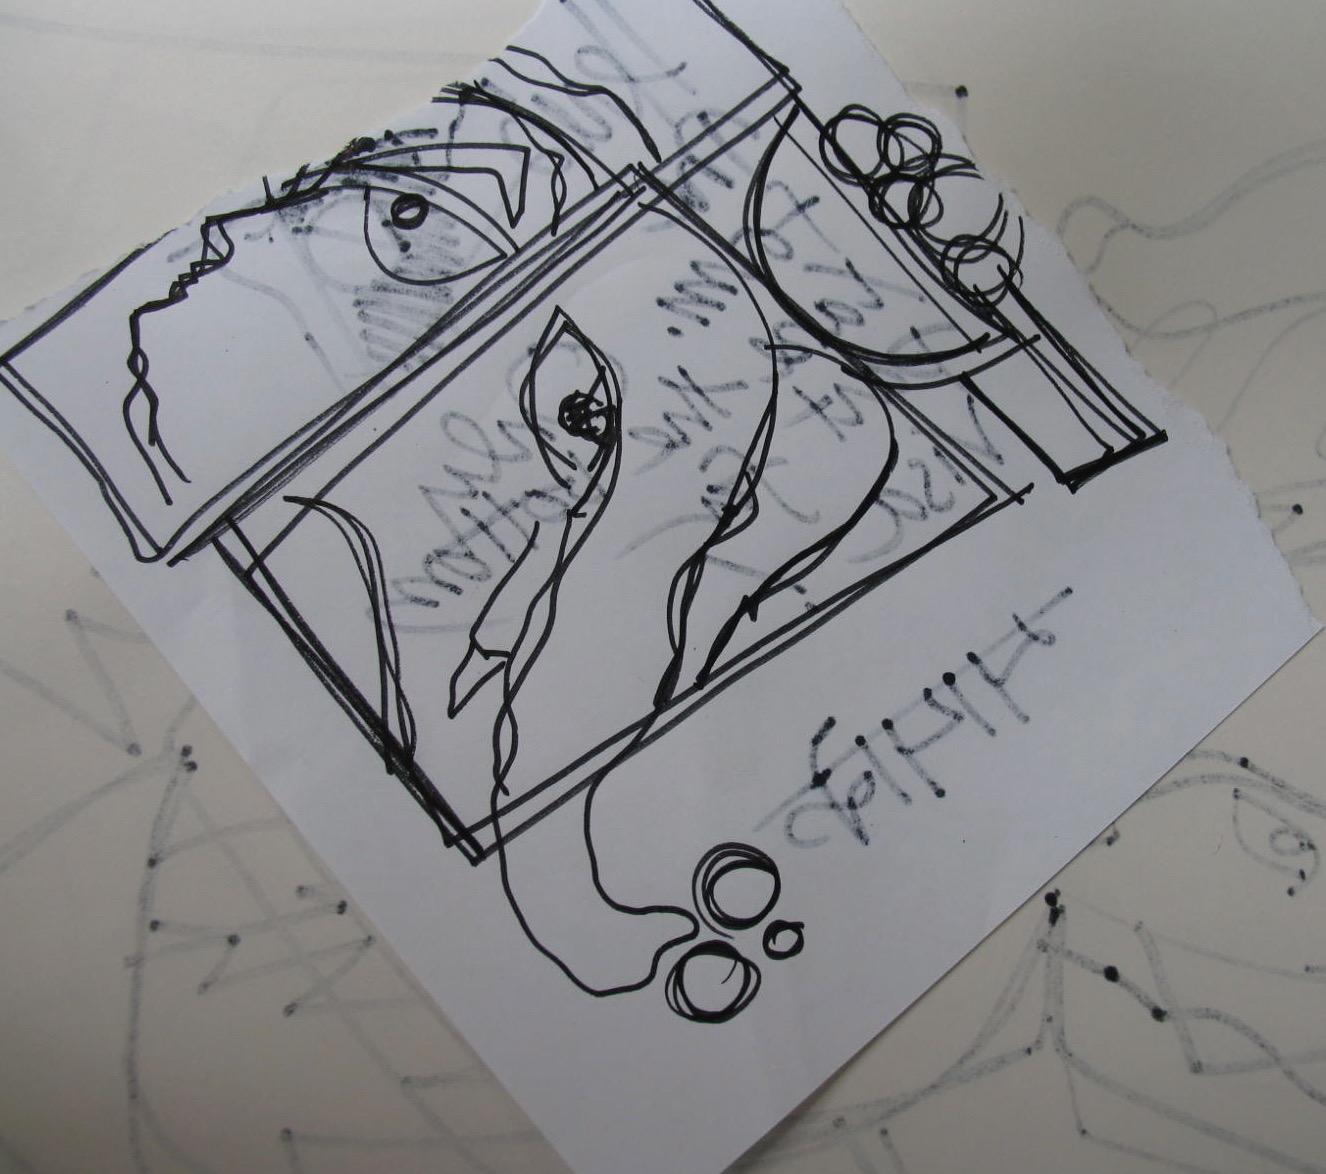 Sri Ganeshji Sketch 1